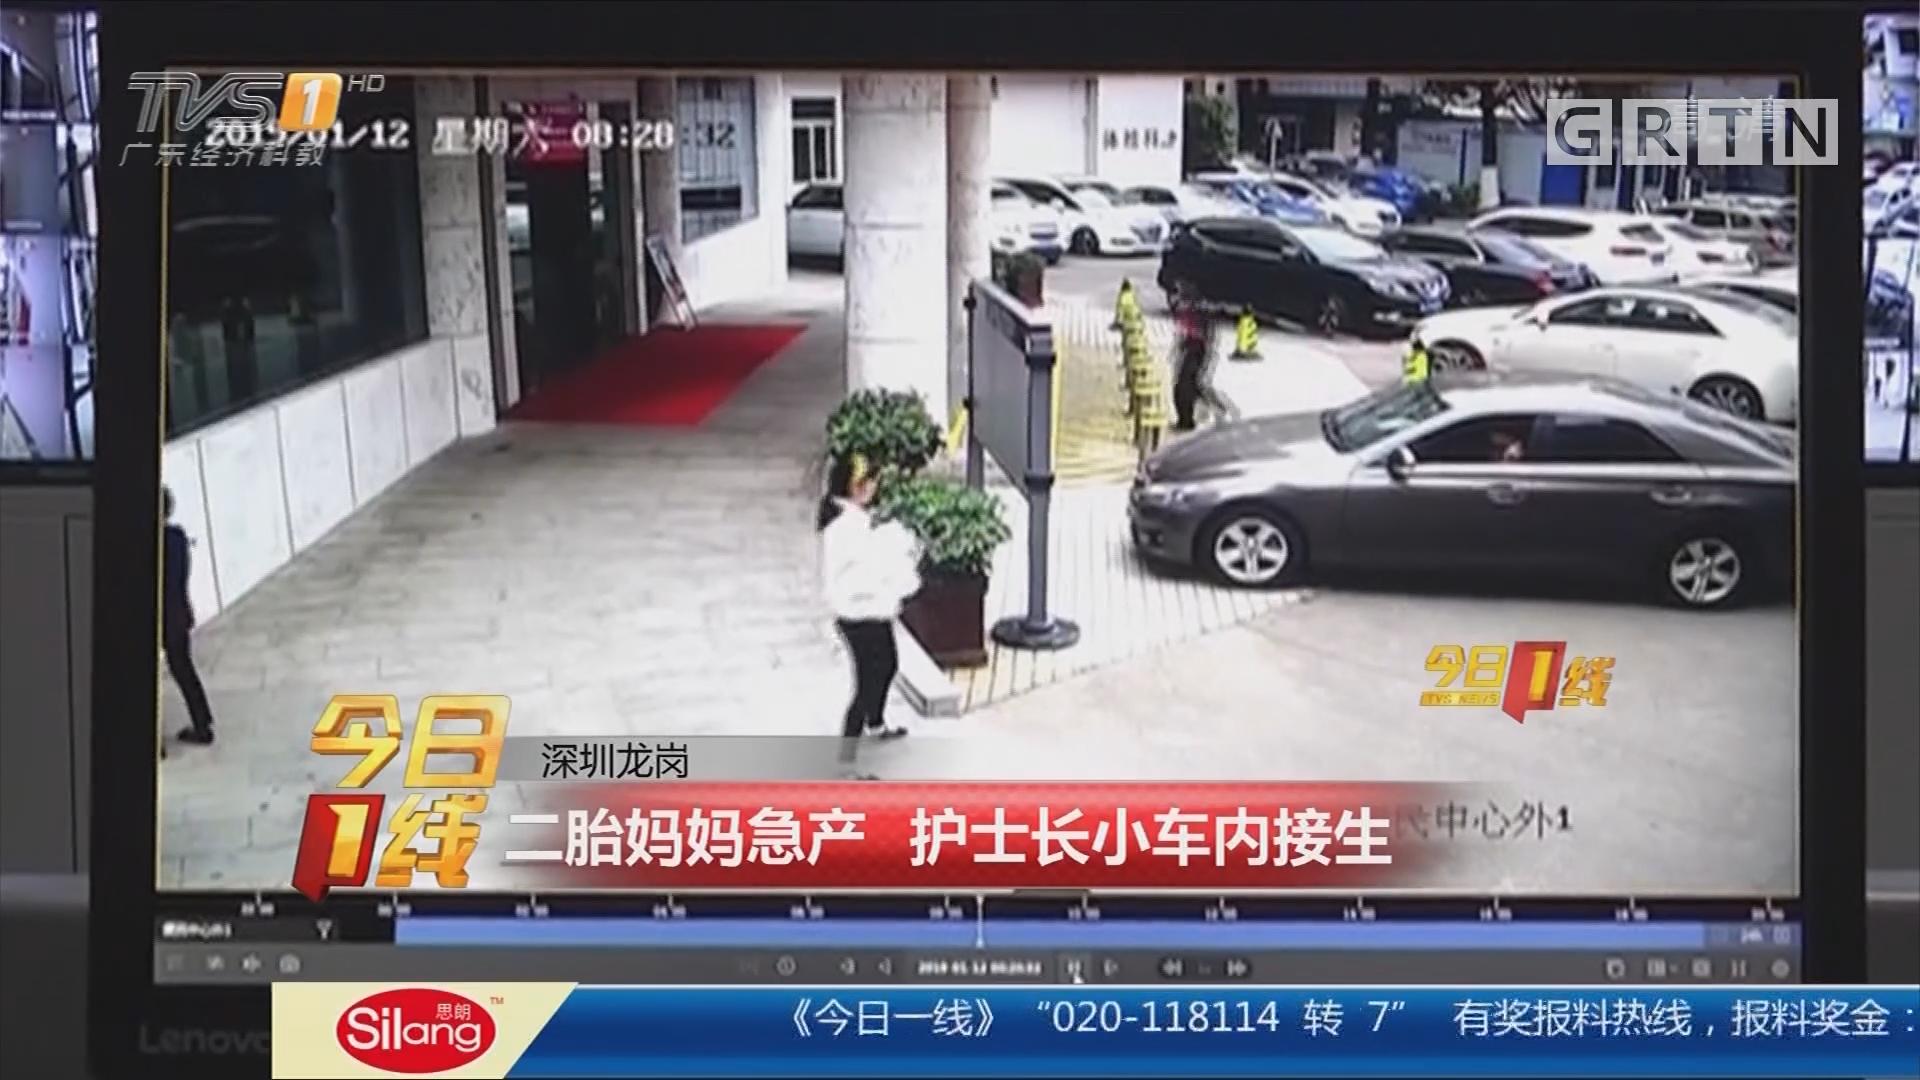 深圳龙岗:二胎妈妈急产 护士长小车内接生